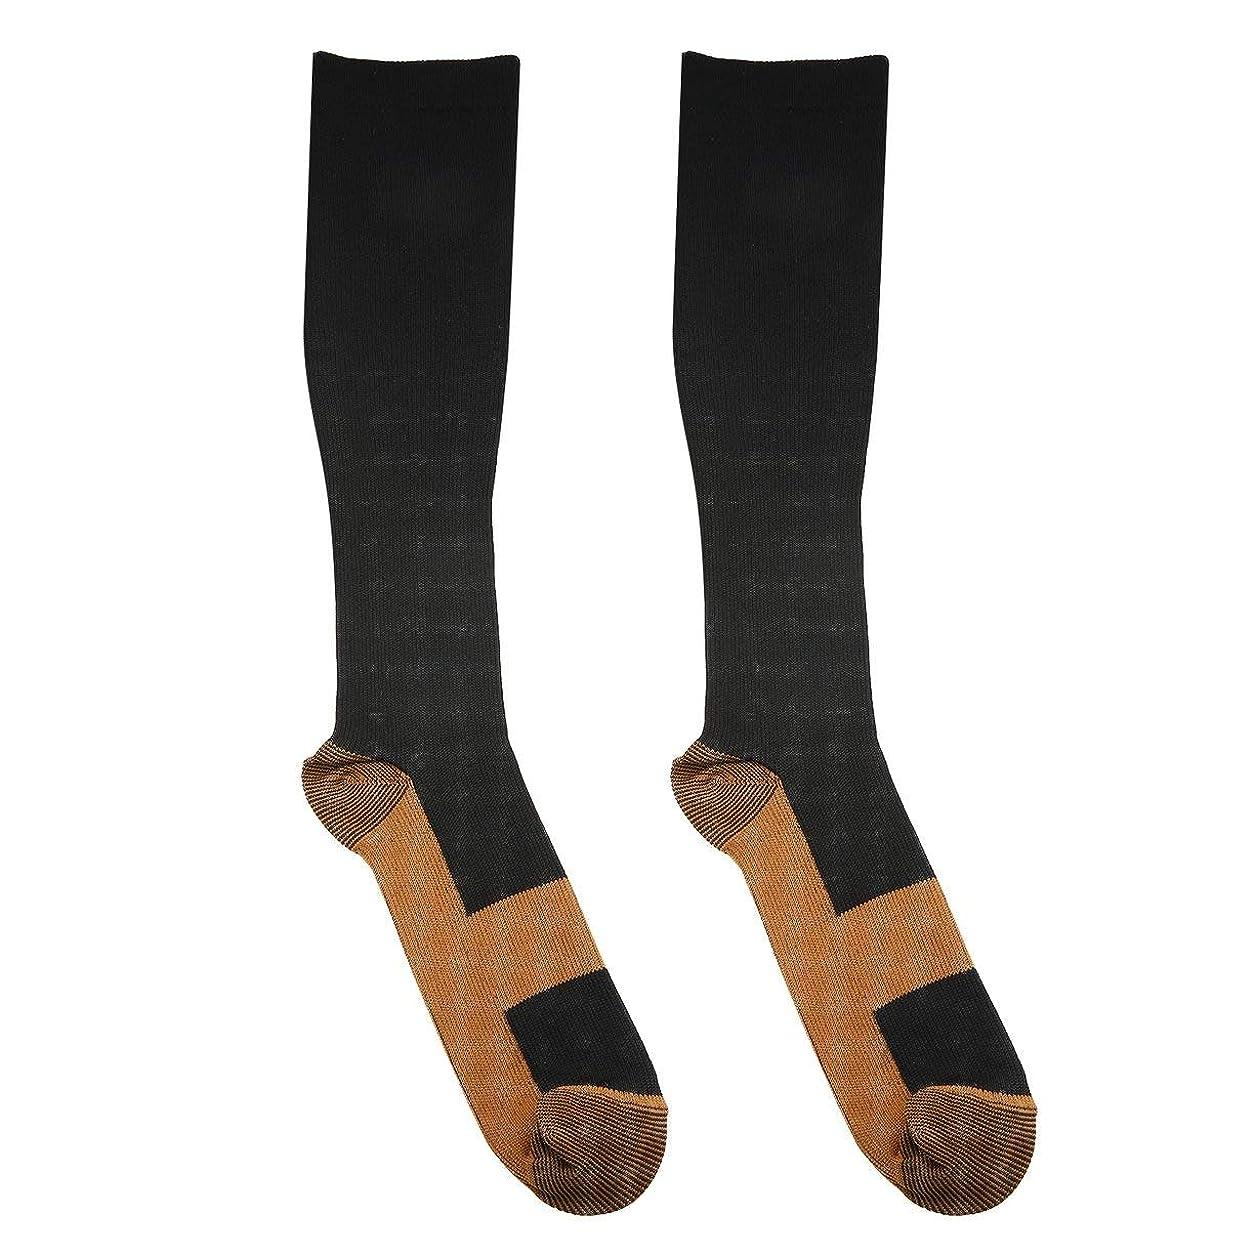 インサートボルト人気のファッショナブルな快適な救済ソフト男性女性抗疲労圧縮靴下抗疲労静脈瘤ソックス - 黒S